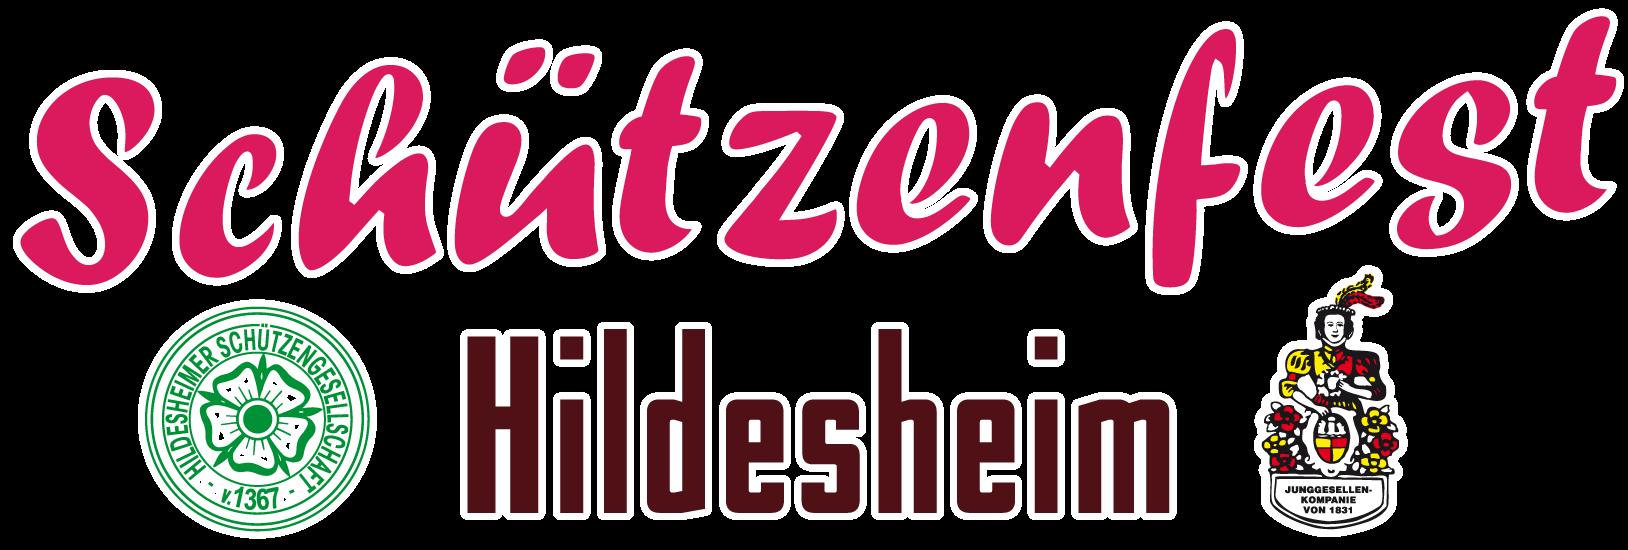 Schützenfest Hildesheim